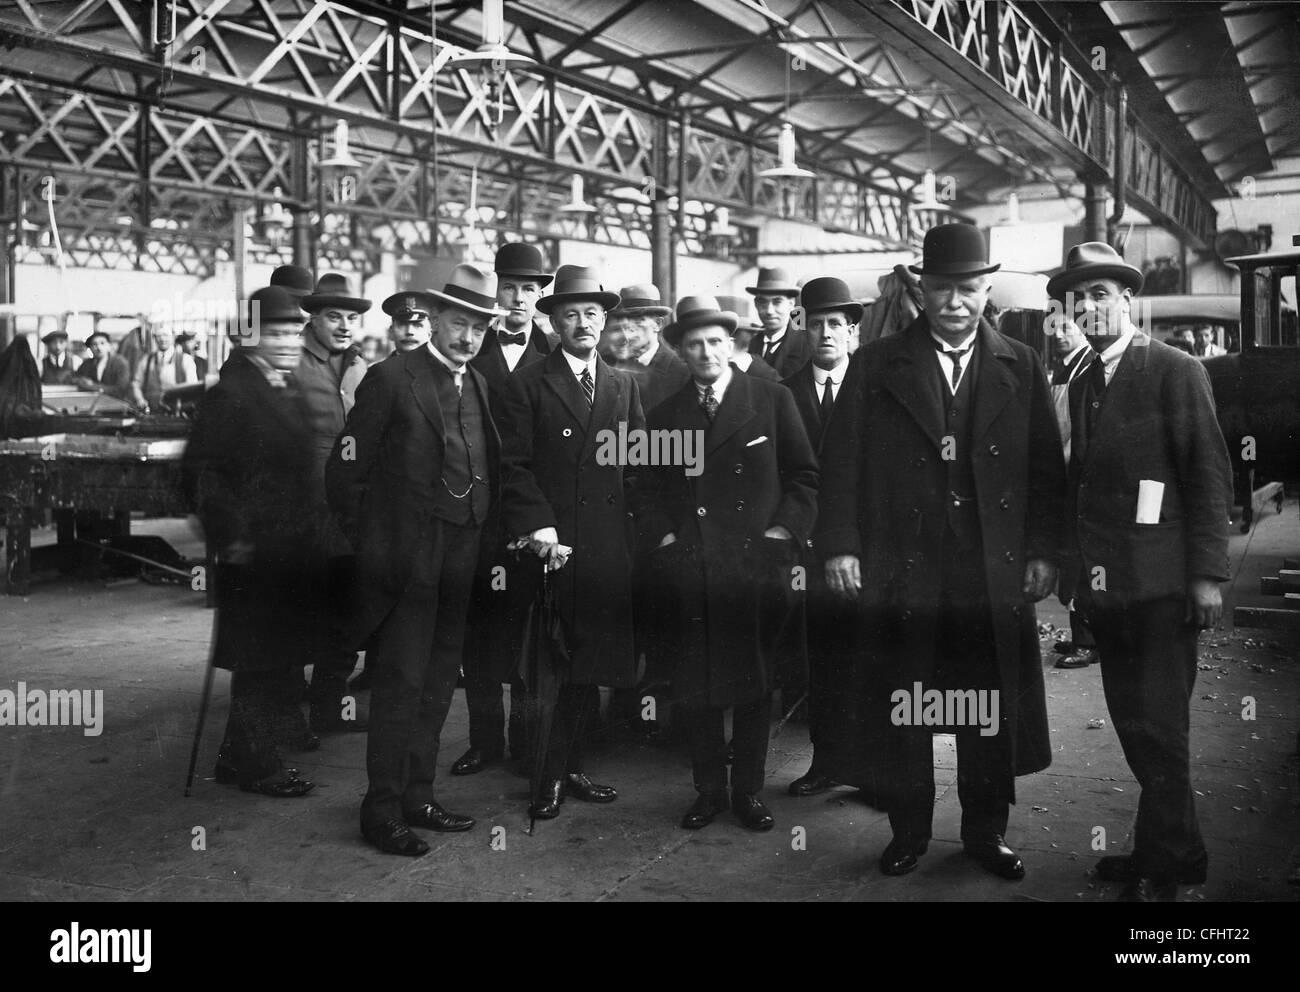 Premier Ministre de la Nouvelle-Zélande, de la visite de Sunbeam Motor Car Company, Wolverhampton, 13 déc Photo Stock